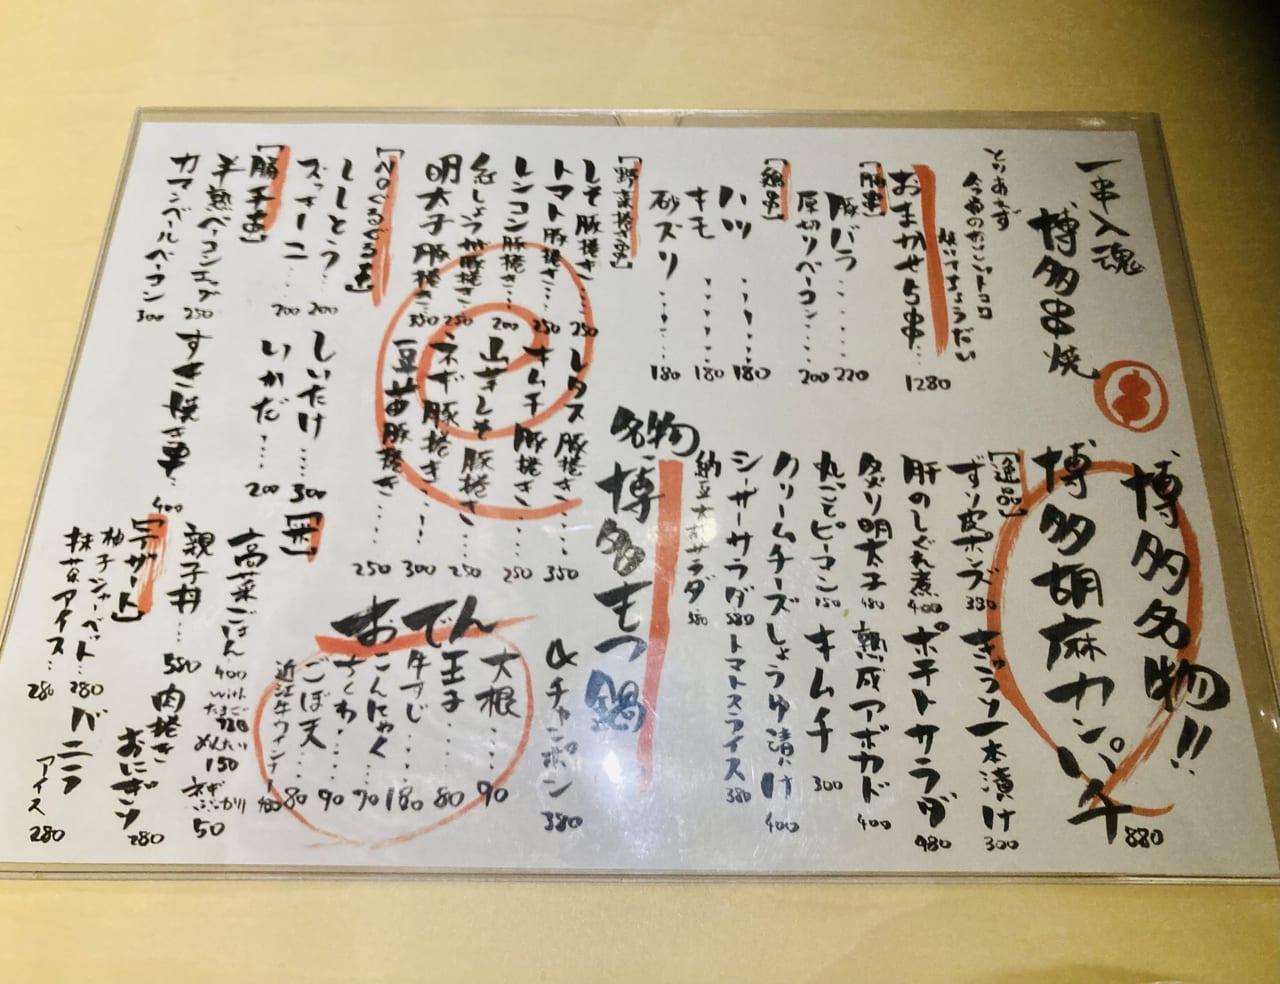 kushimaro menu